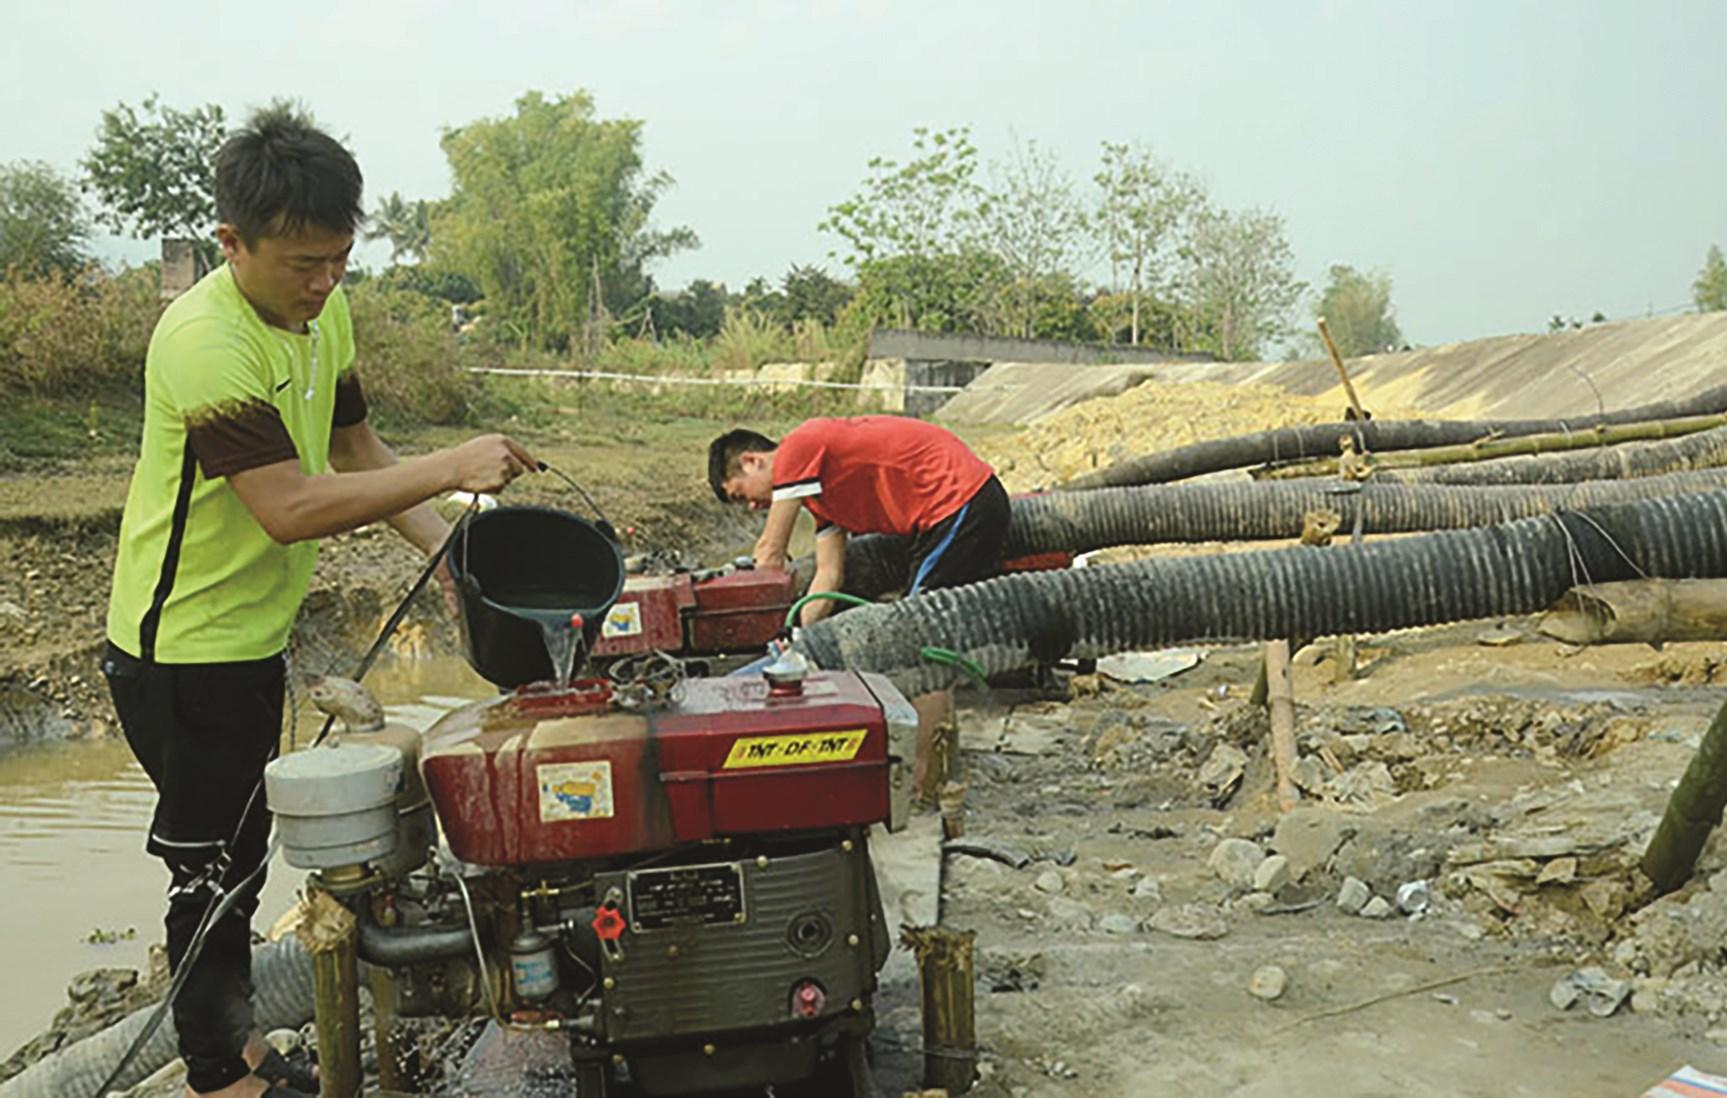 Công nhân Công ty TNHH Quản lý thủy nông Ðiện Biên vận hành trạm bơm dã chiến, cứu những diện tích lúa khô hạn